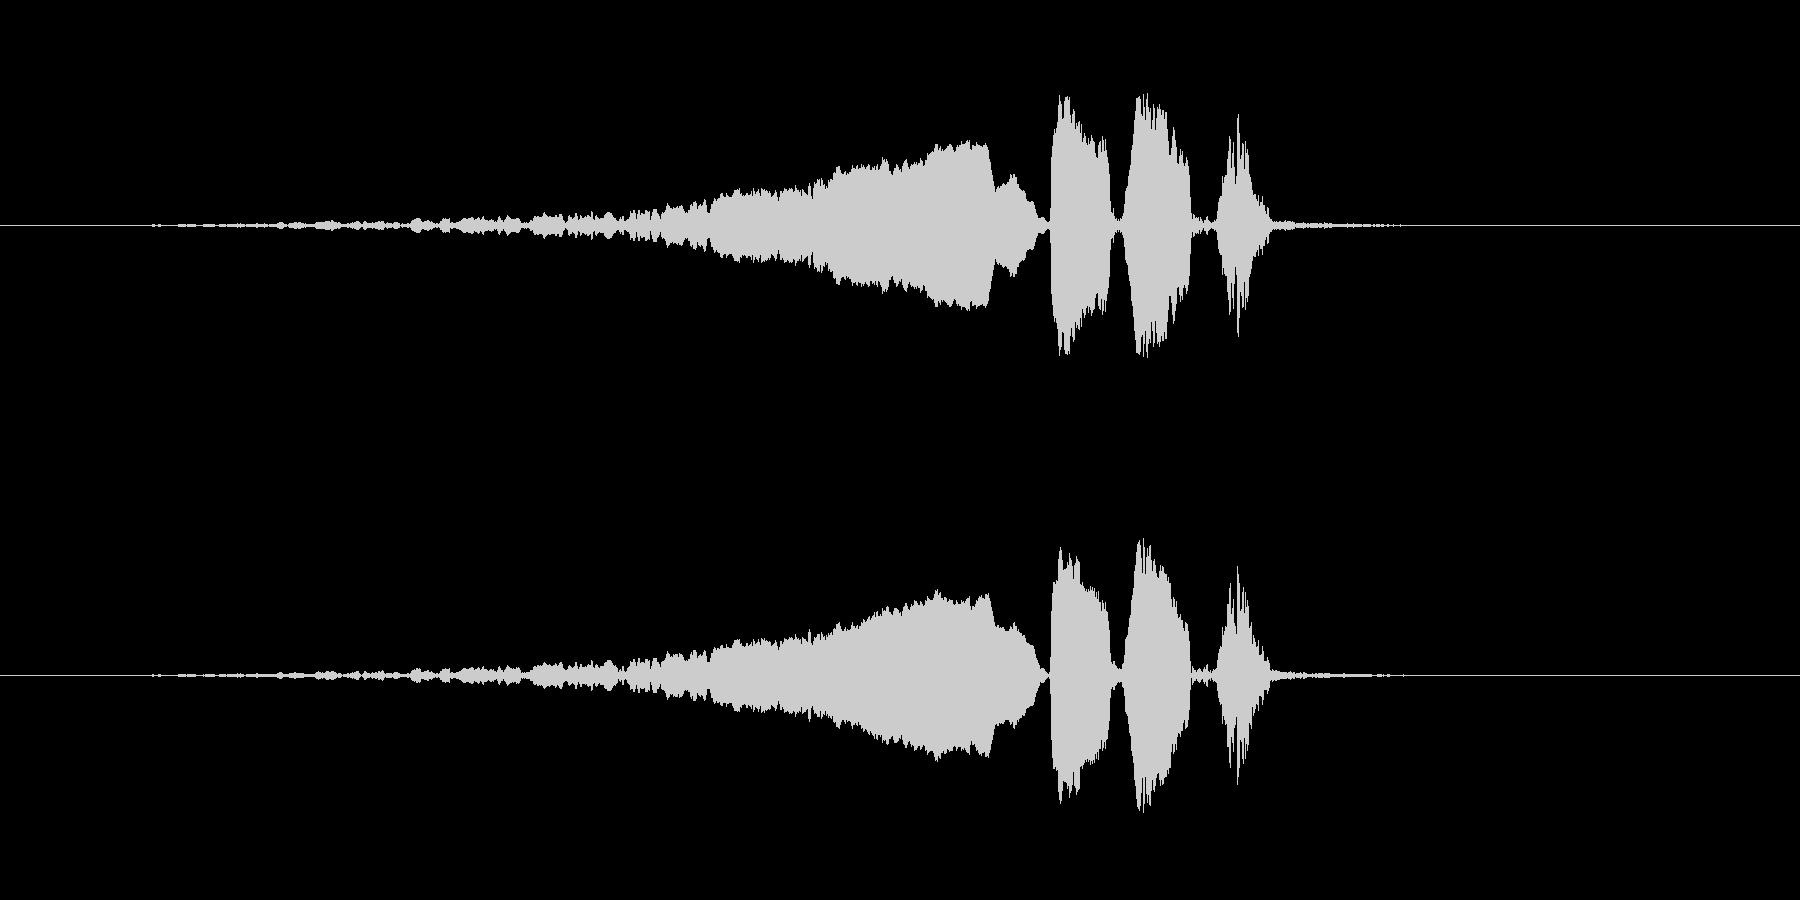 【ウグイス 合成01-3】の未再生の波形